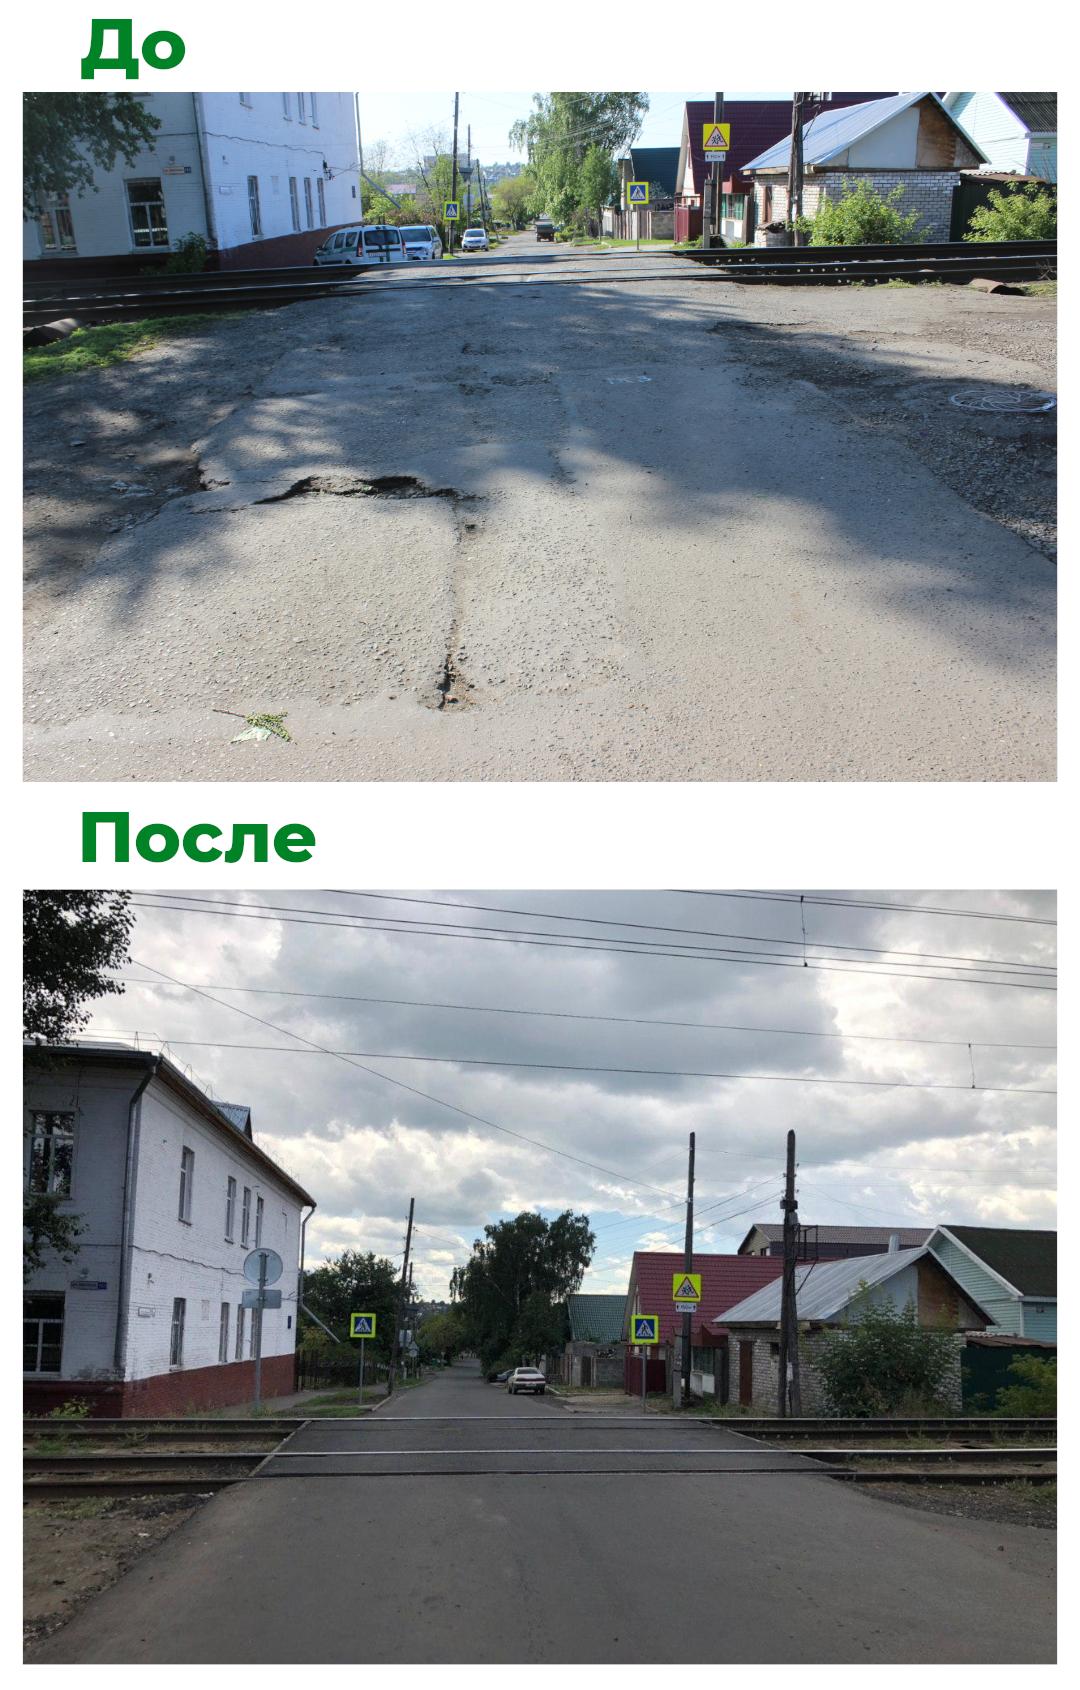 Илья Варламов раскритиковал в своем блоге ремонт переулка Ядринцева в Барнауле. В ответ мэрия сняла для него фотоотчет